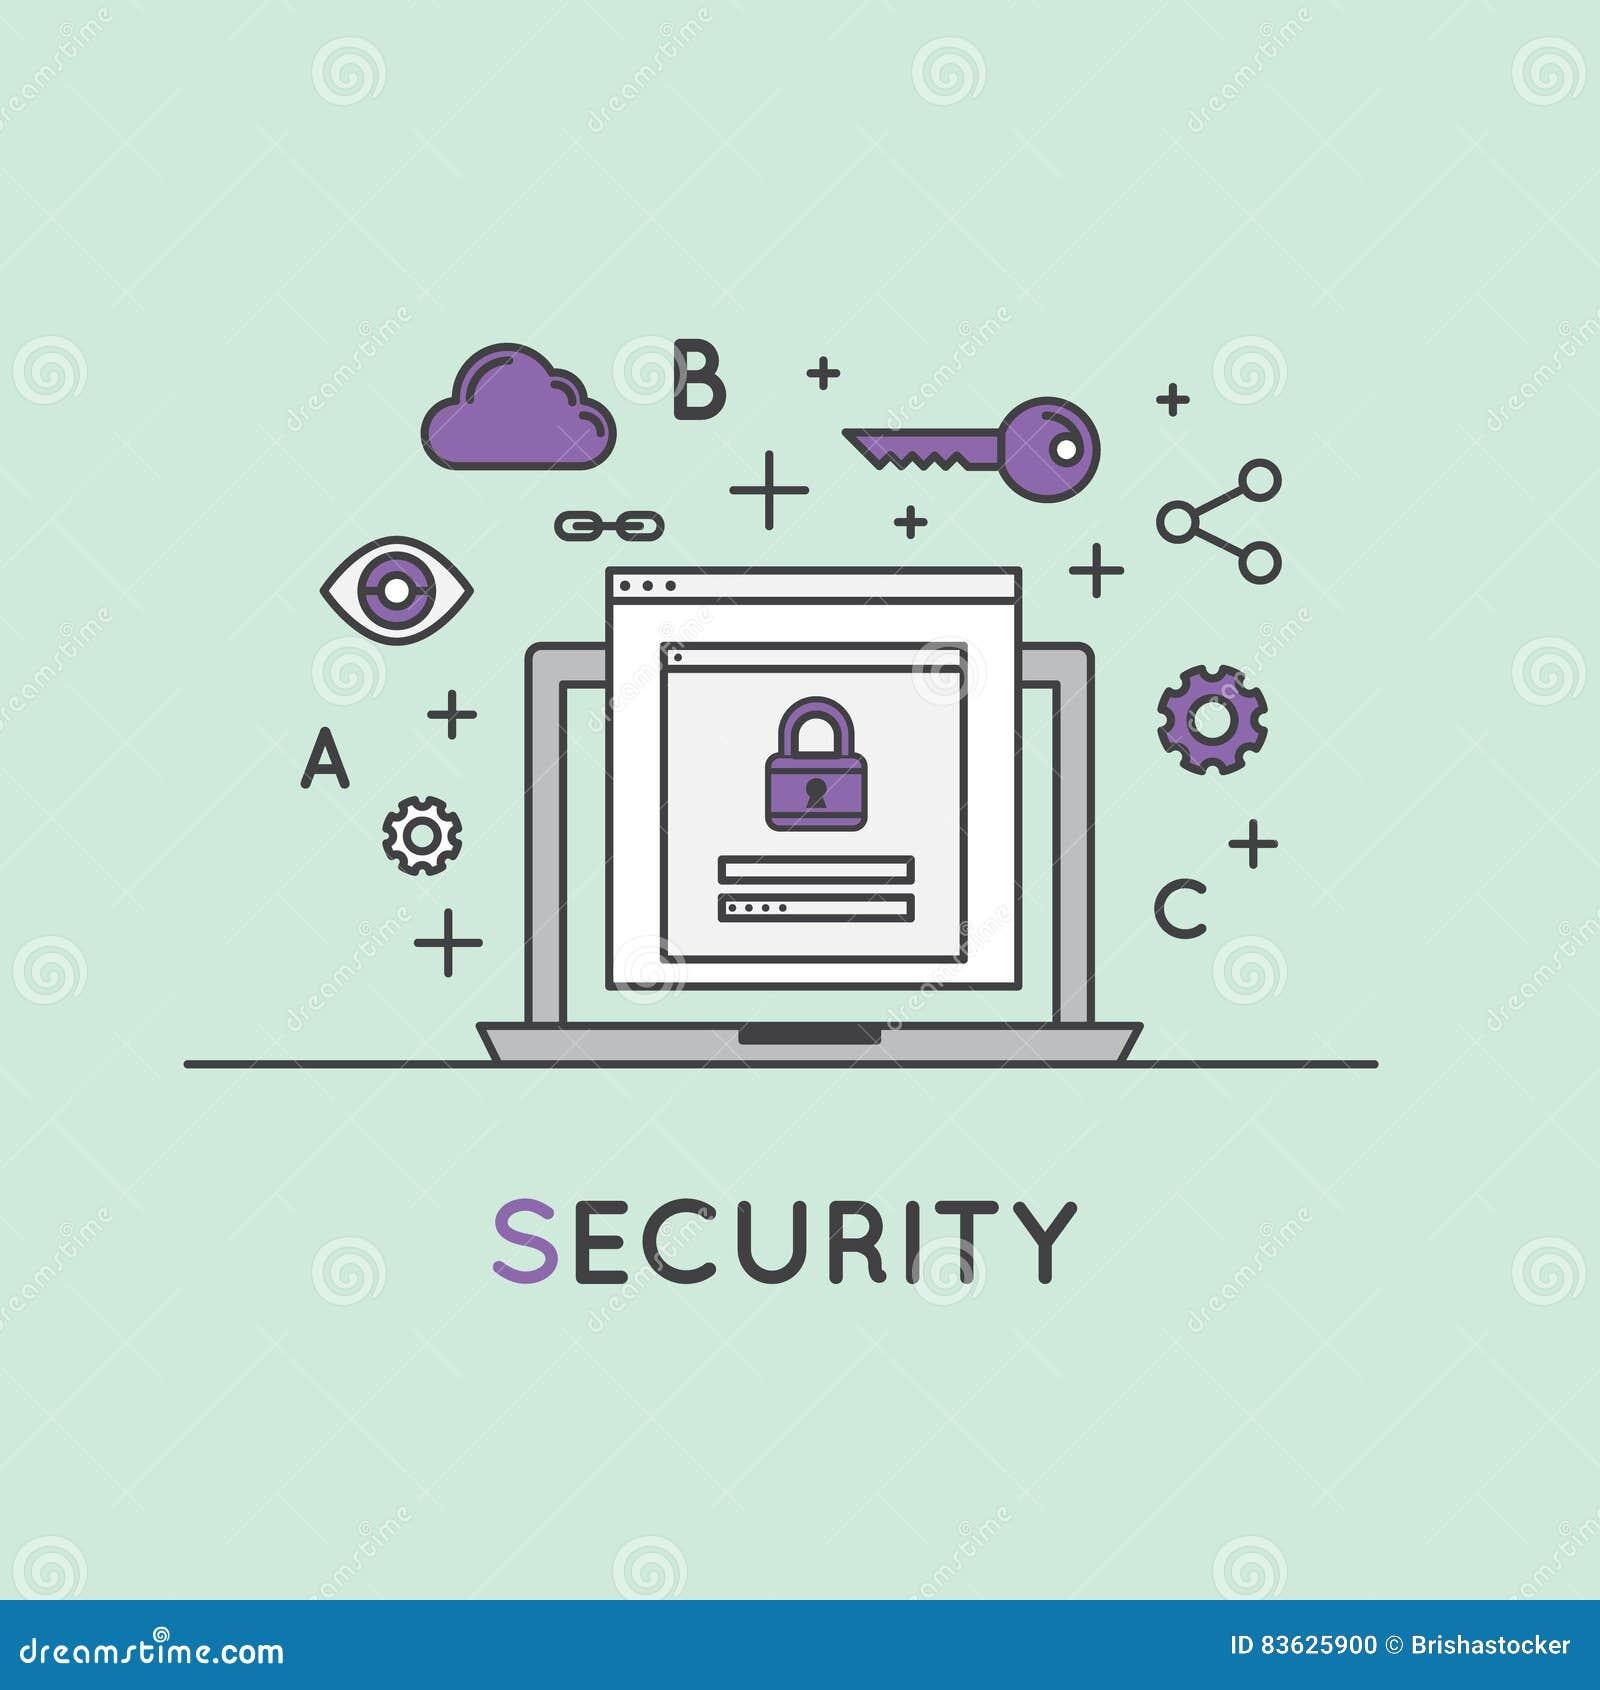 Απεικόνιση της ασφάλειας Διαδικτύου, προστασία δεδομένων, ασφαλής ανταλλαγή στοιχείων, σύστημα κρυπτογραφία